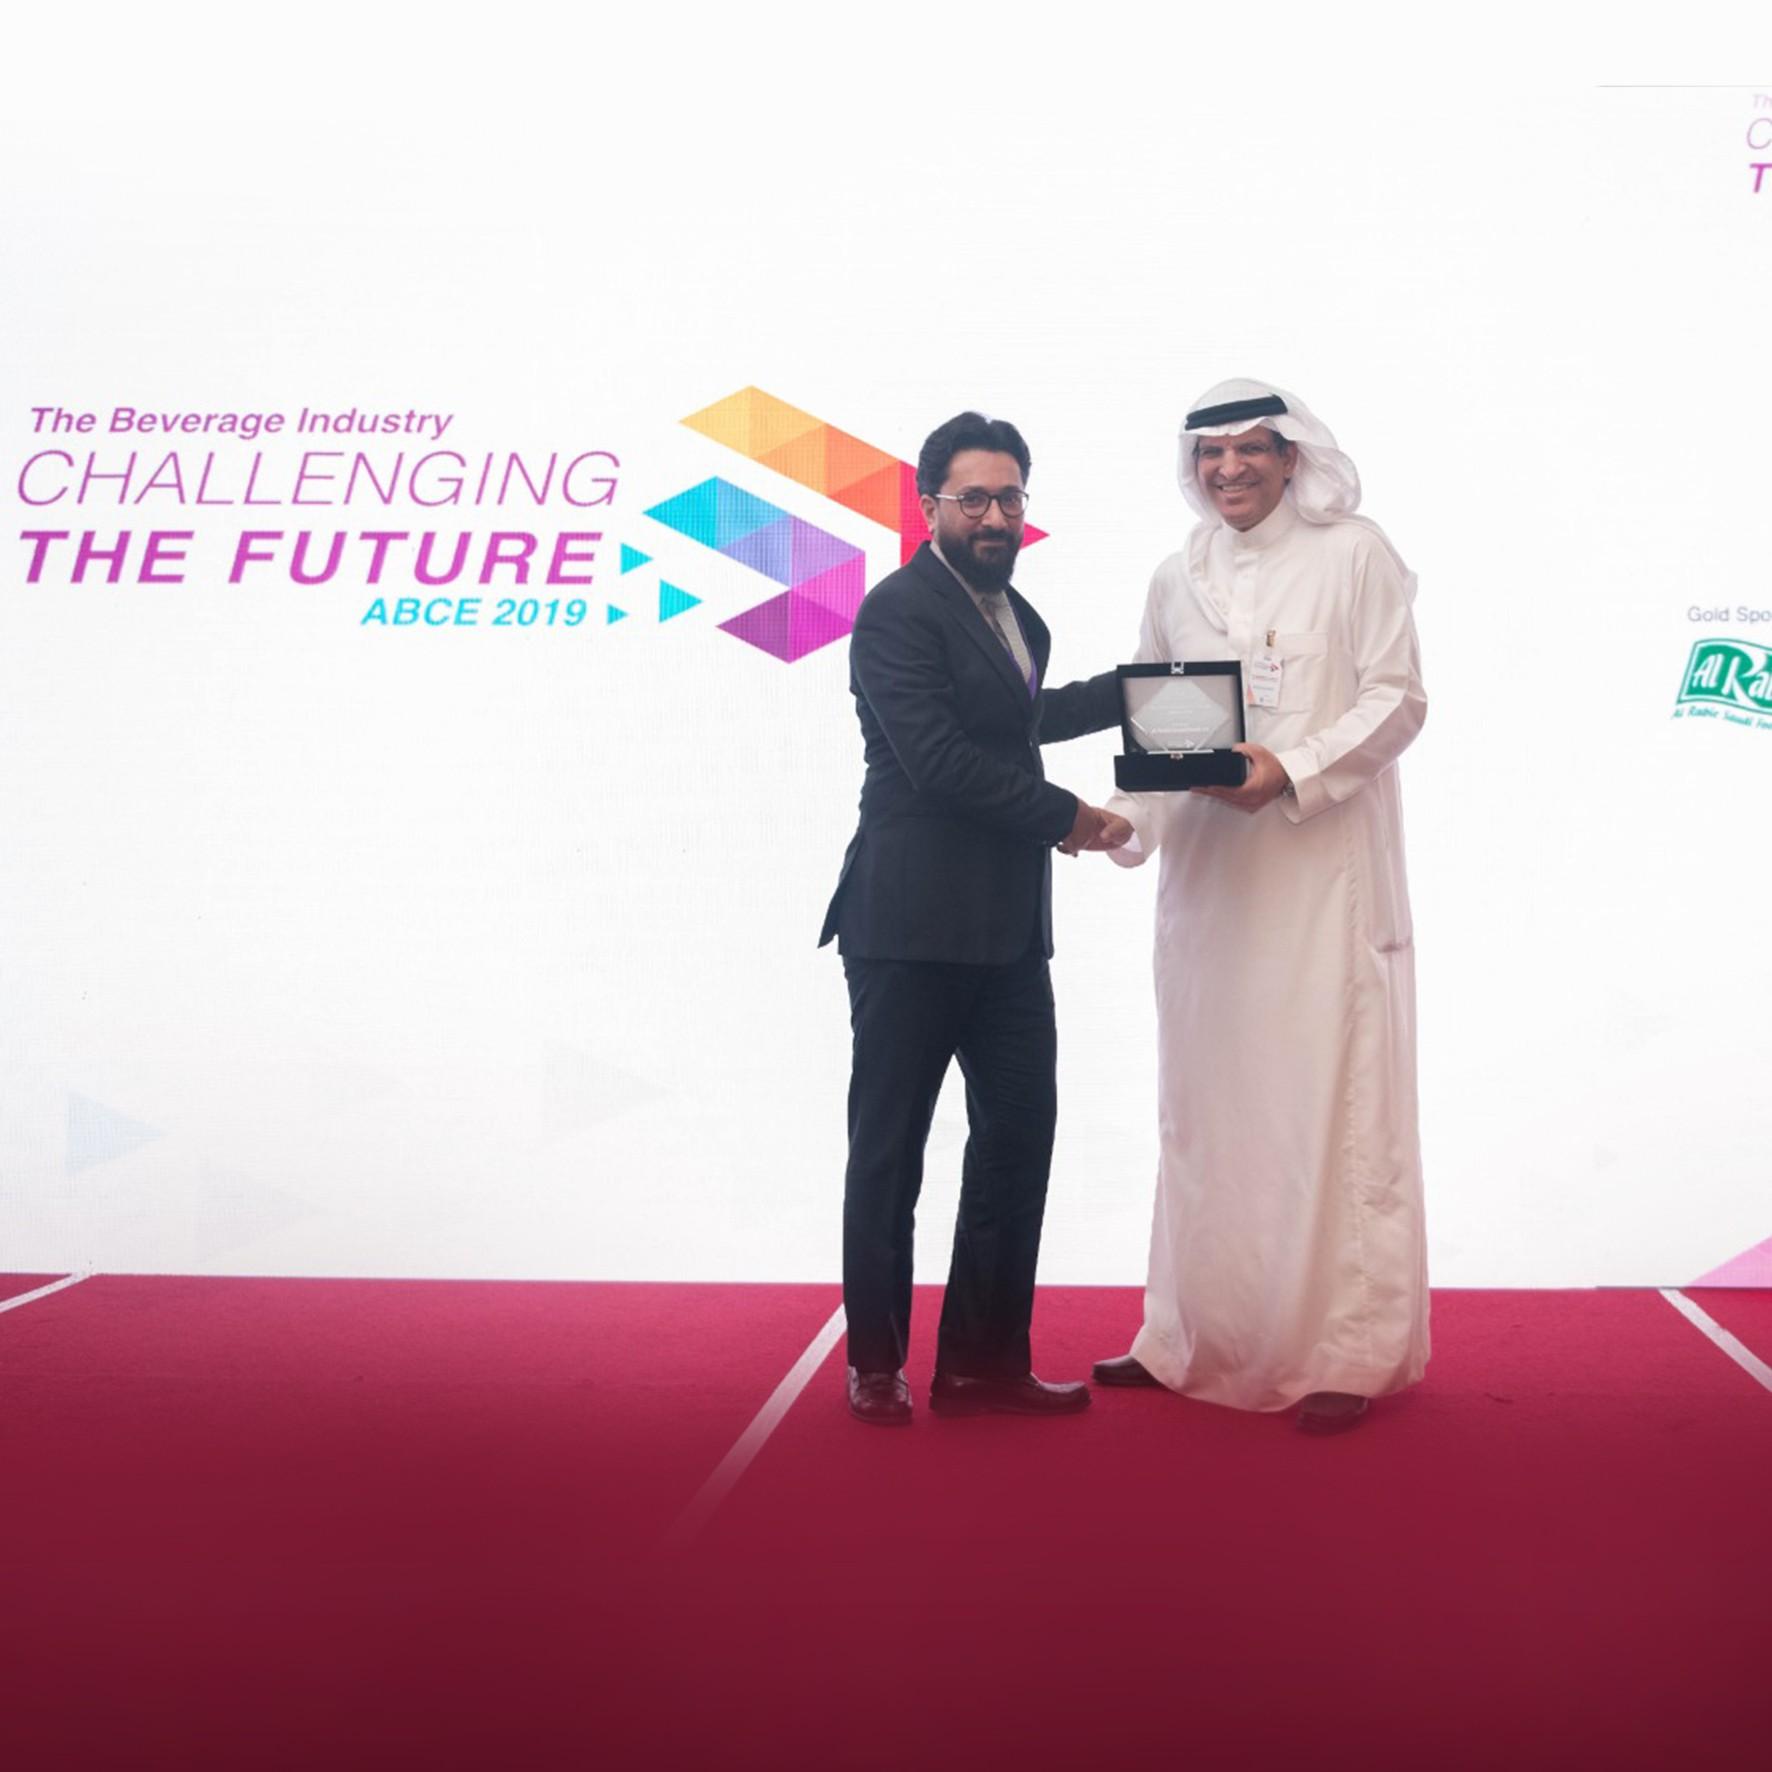 شركة الربيع السعودية للأغذية الراعي الذهبي لمؤتمر المشروبات العربية 2019